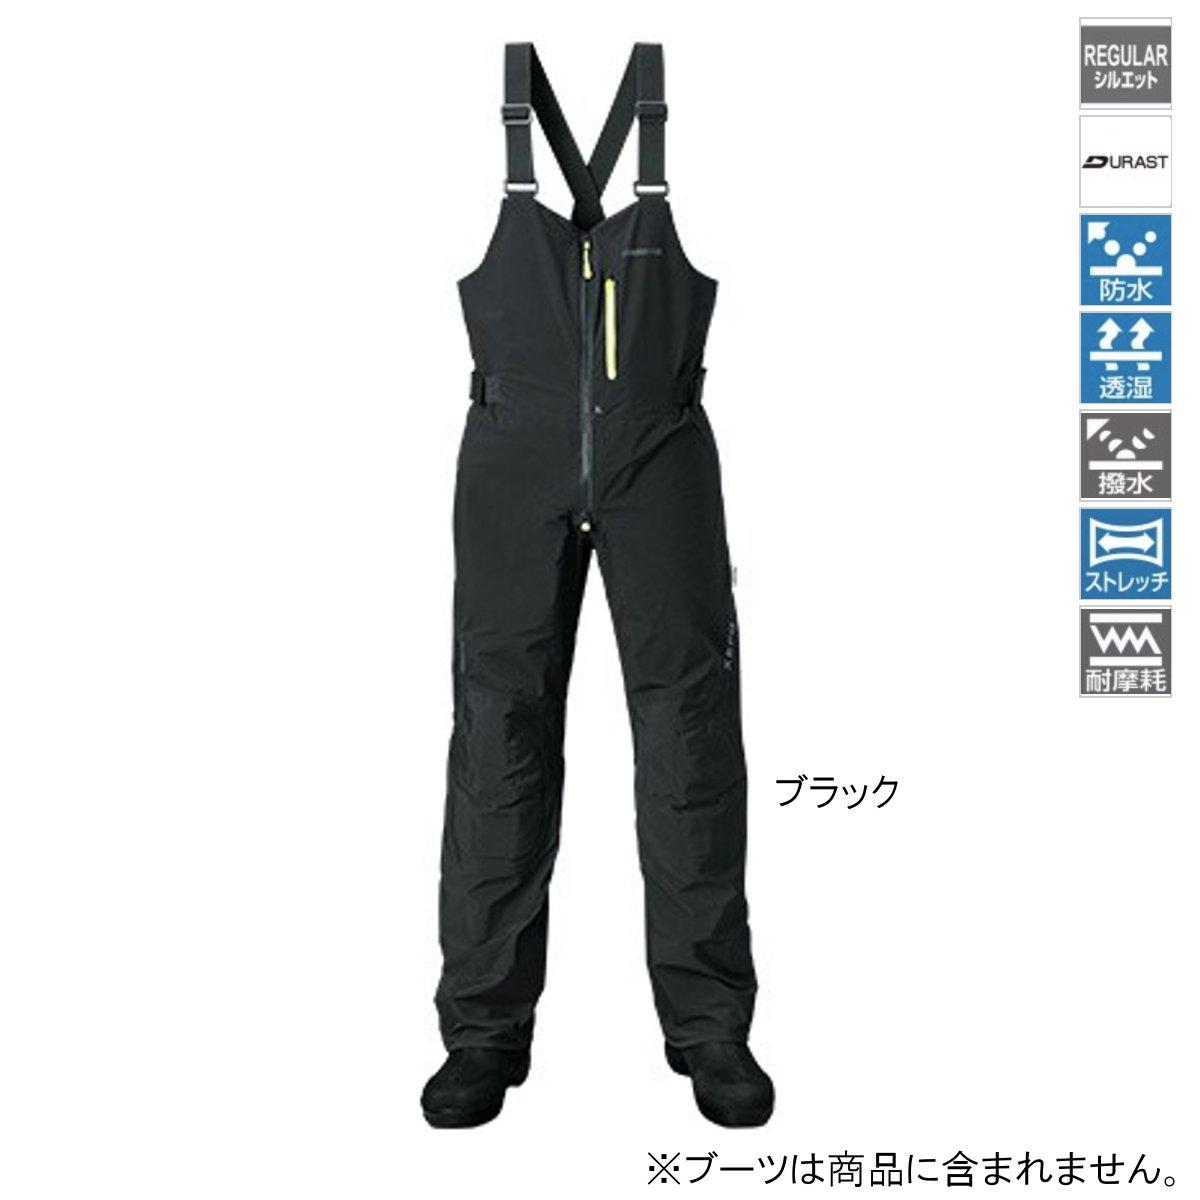 シマノ XEFO・DURASTレインビブ RA-26PS L ブラック(東日本店)